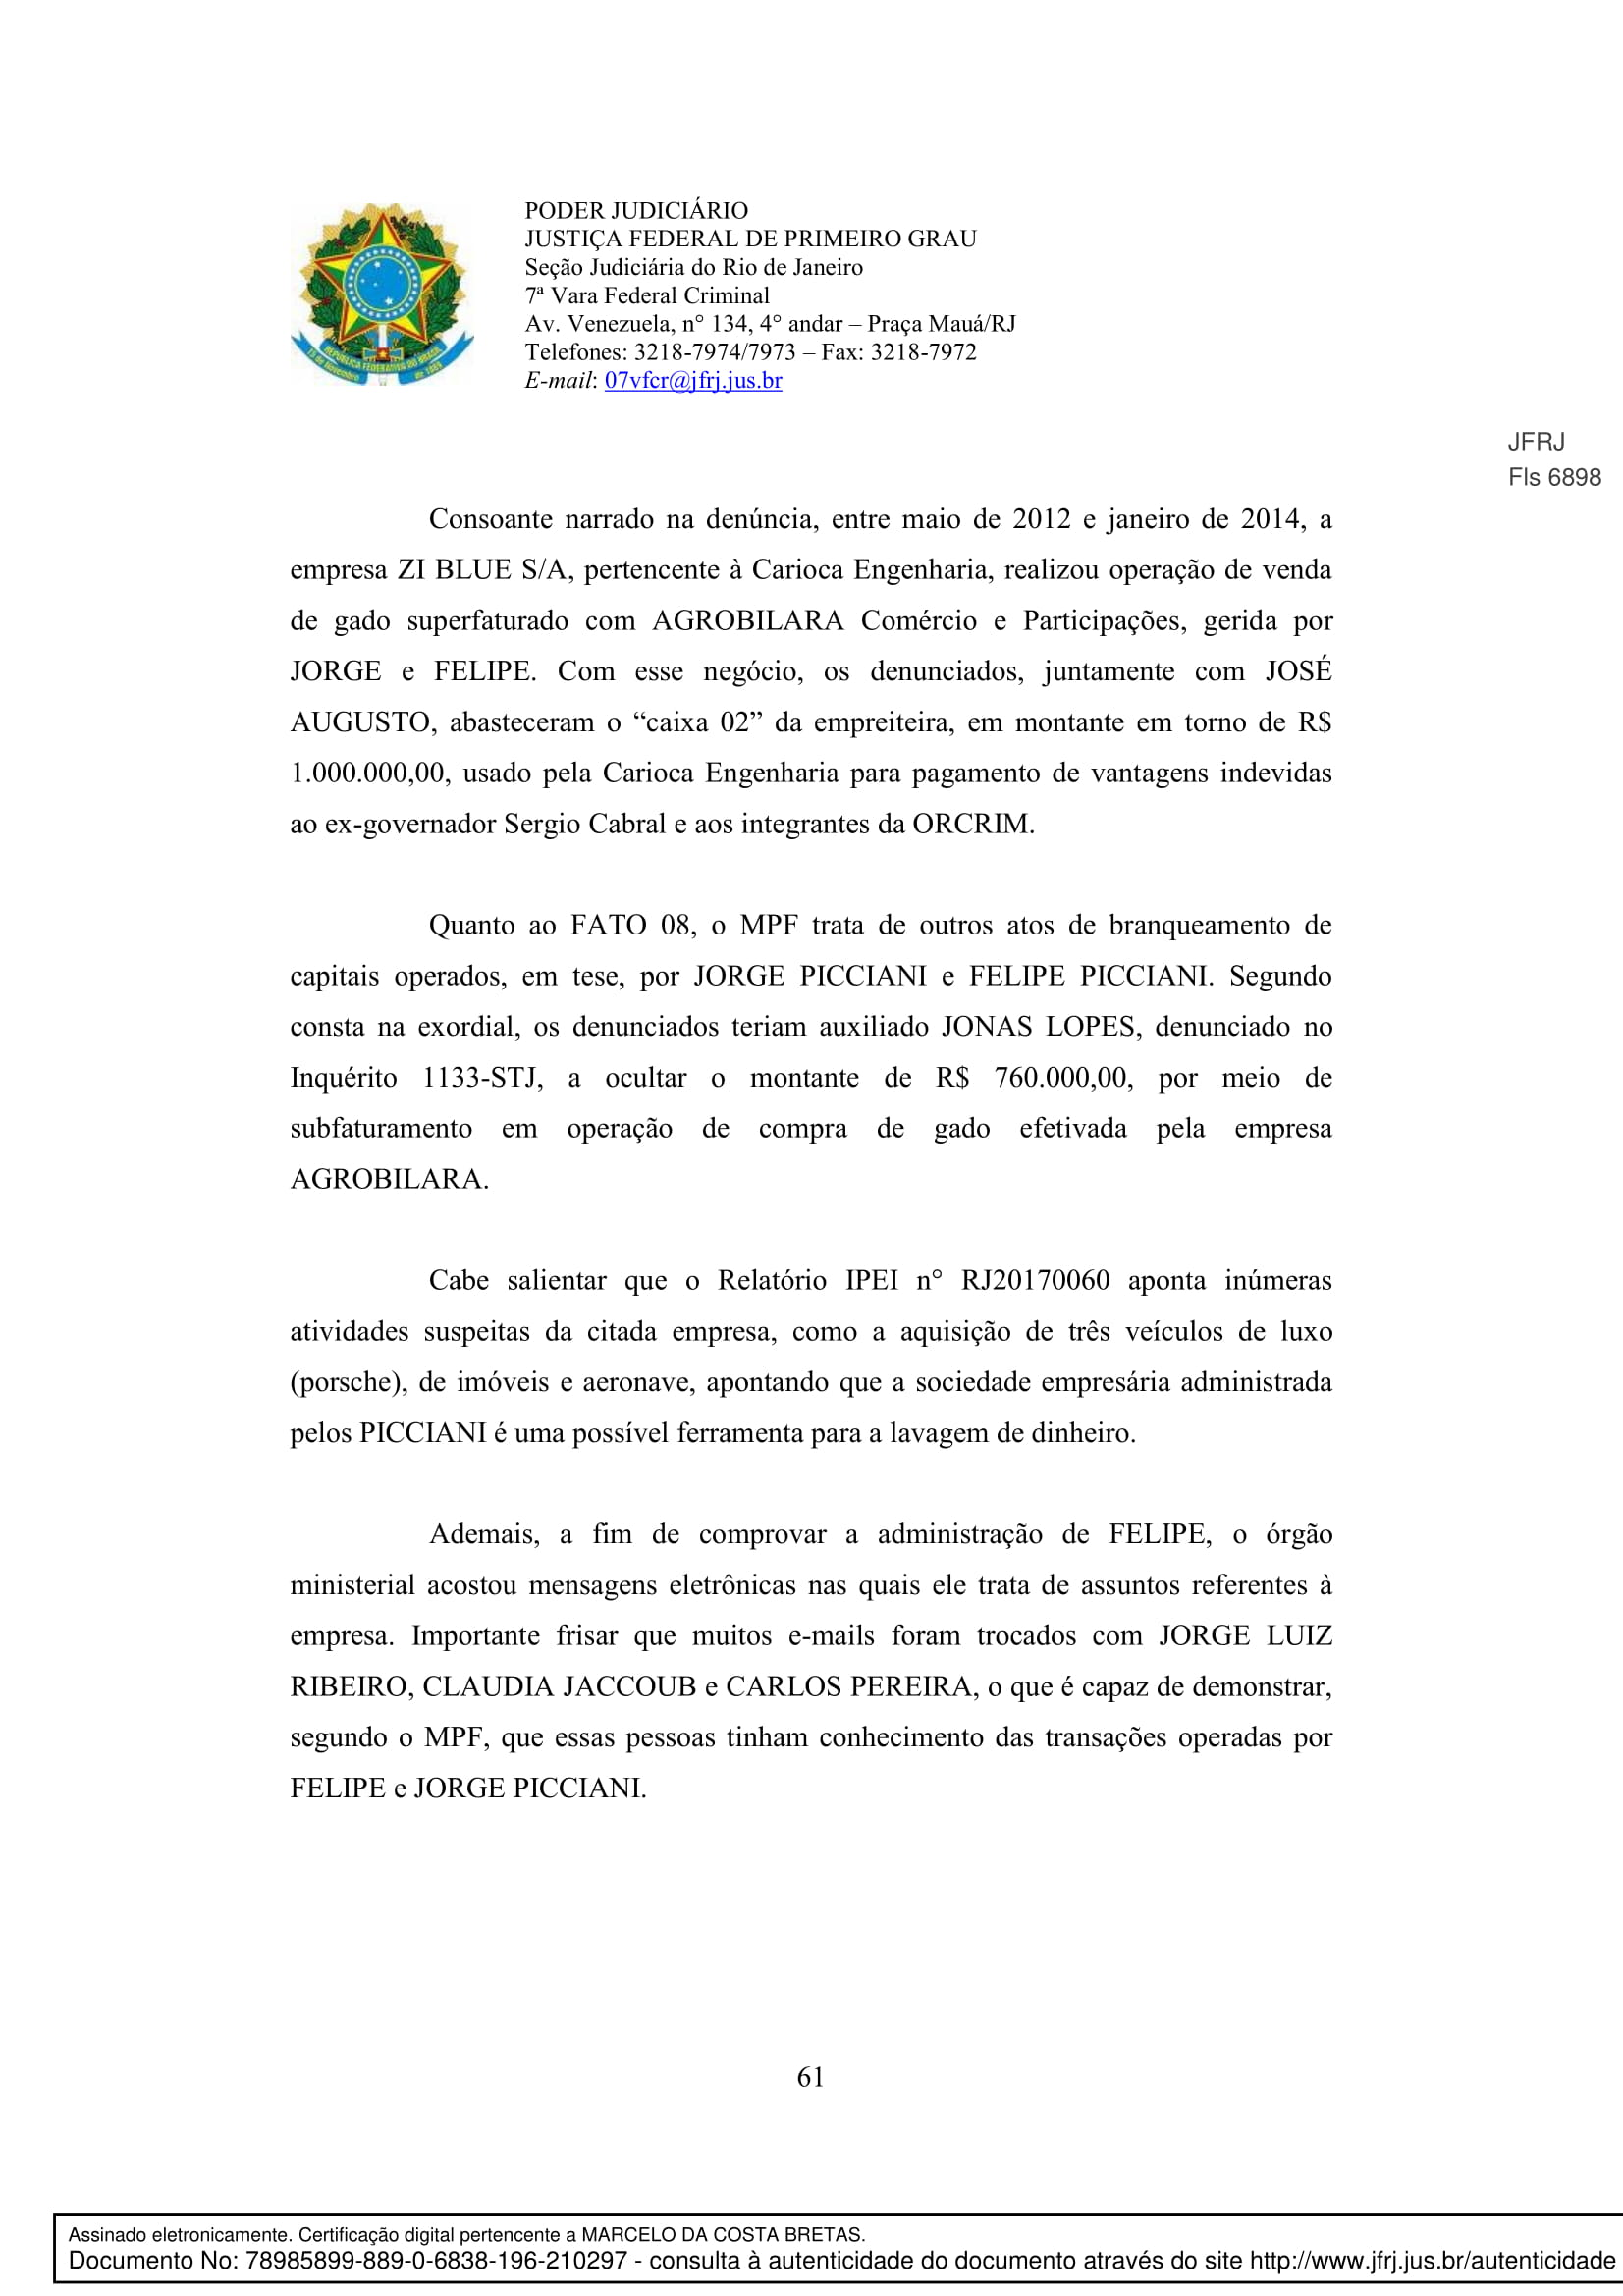 Sentenca-Cadeia-Velha-7VFC-061